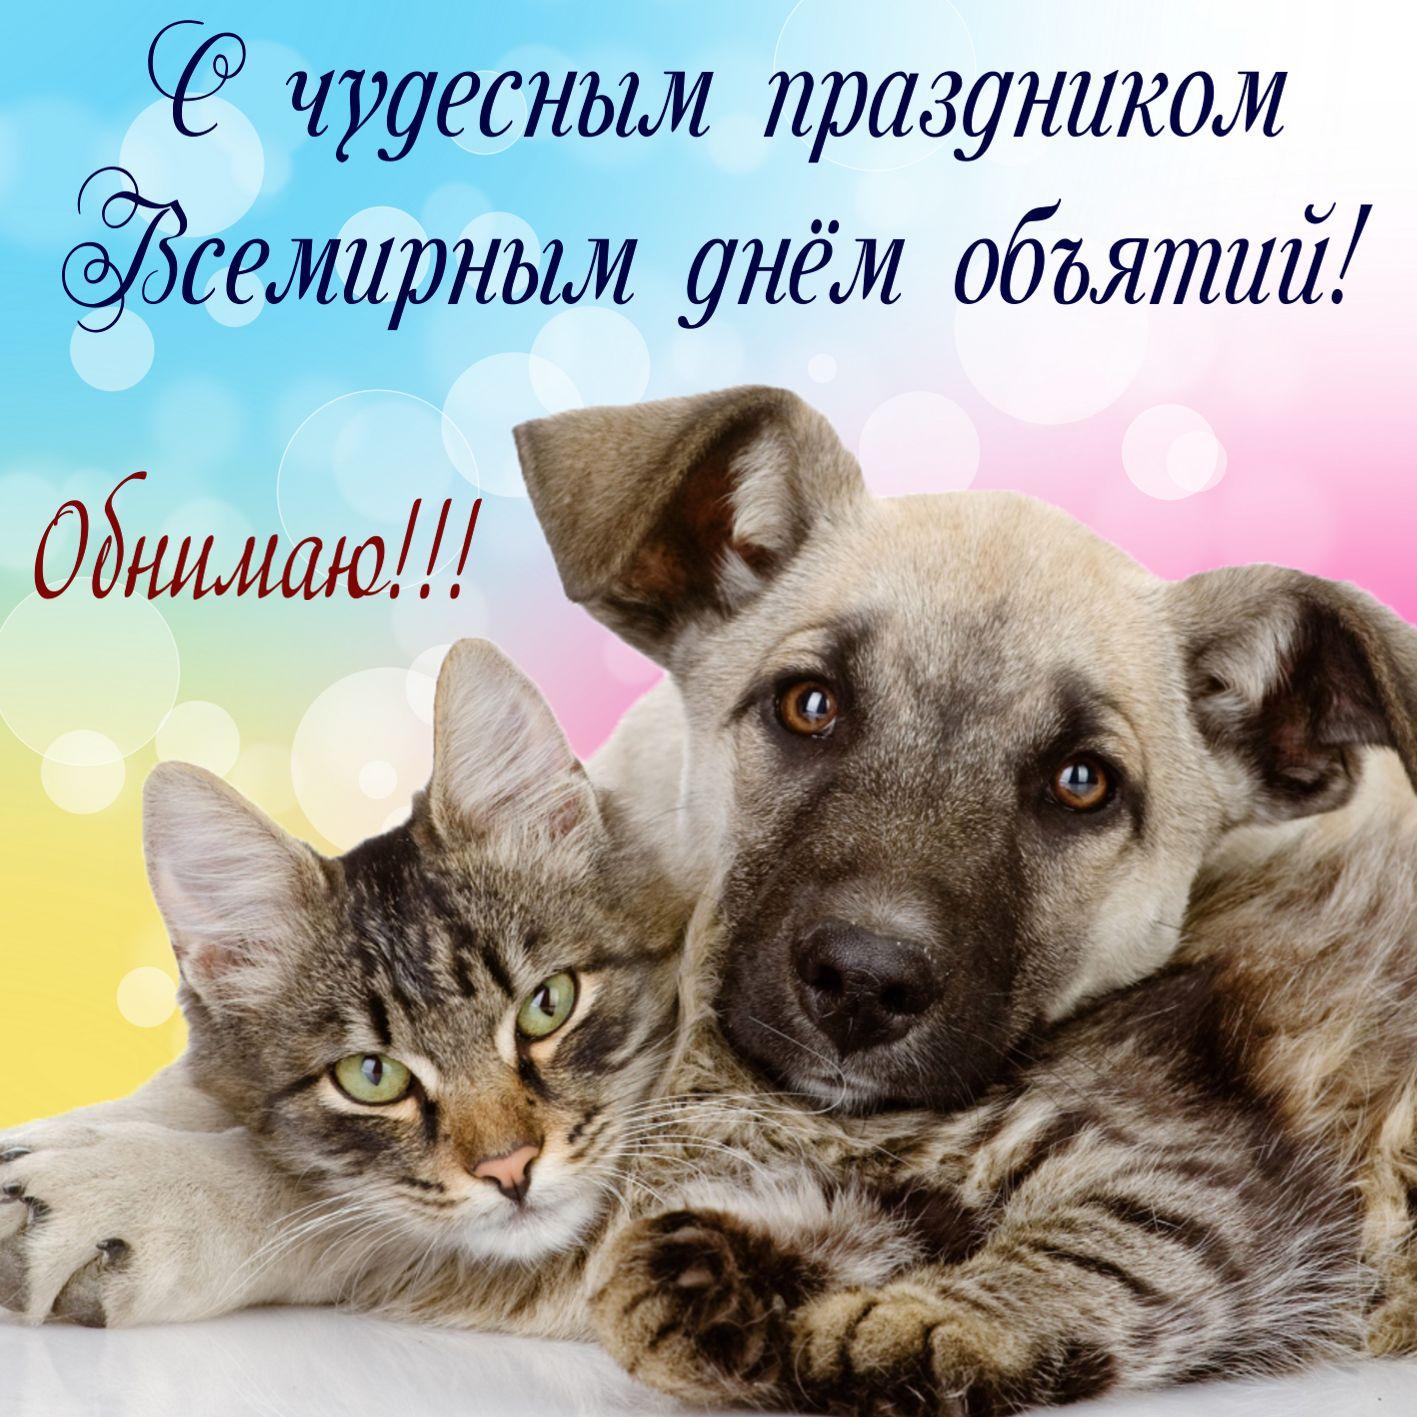 Красивые собачка и котик на Всемирный день объятий